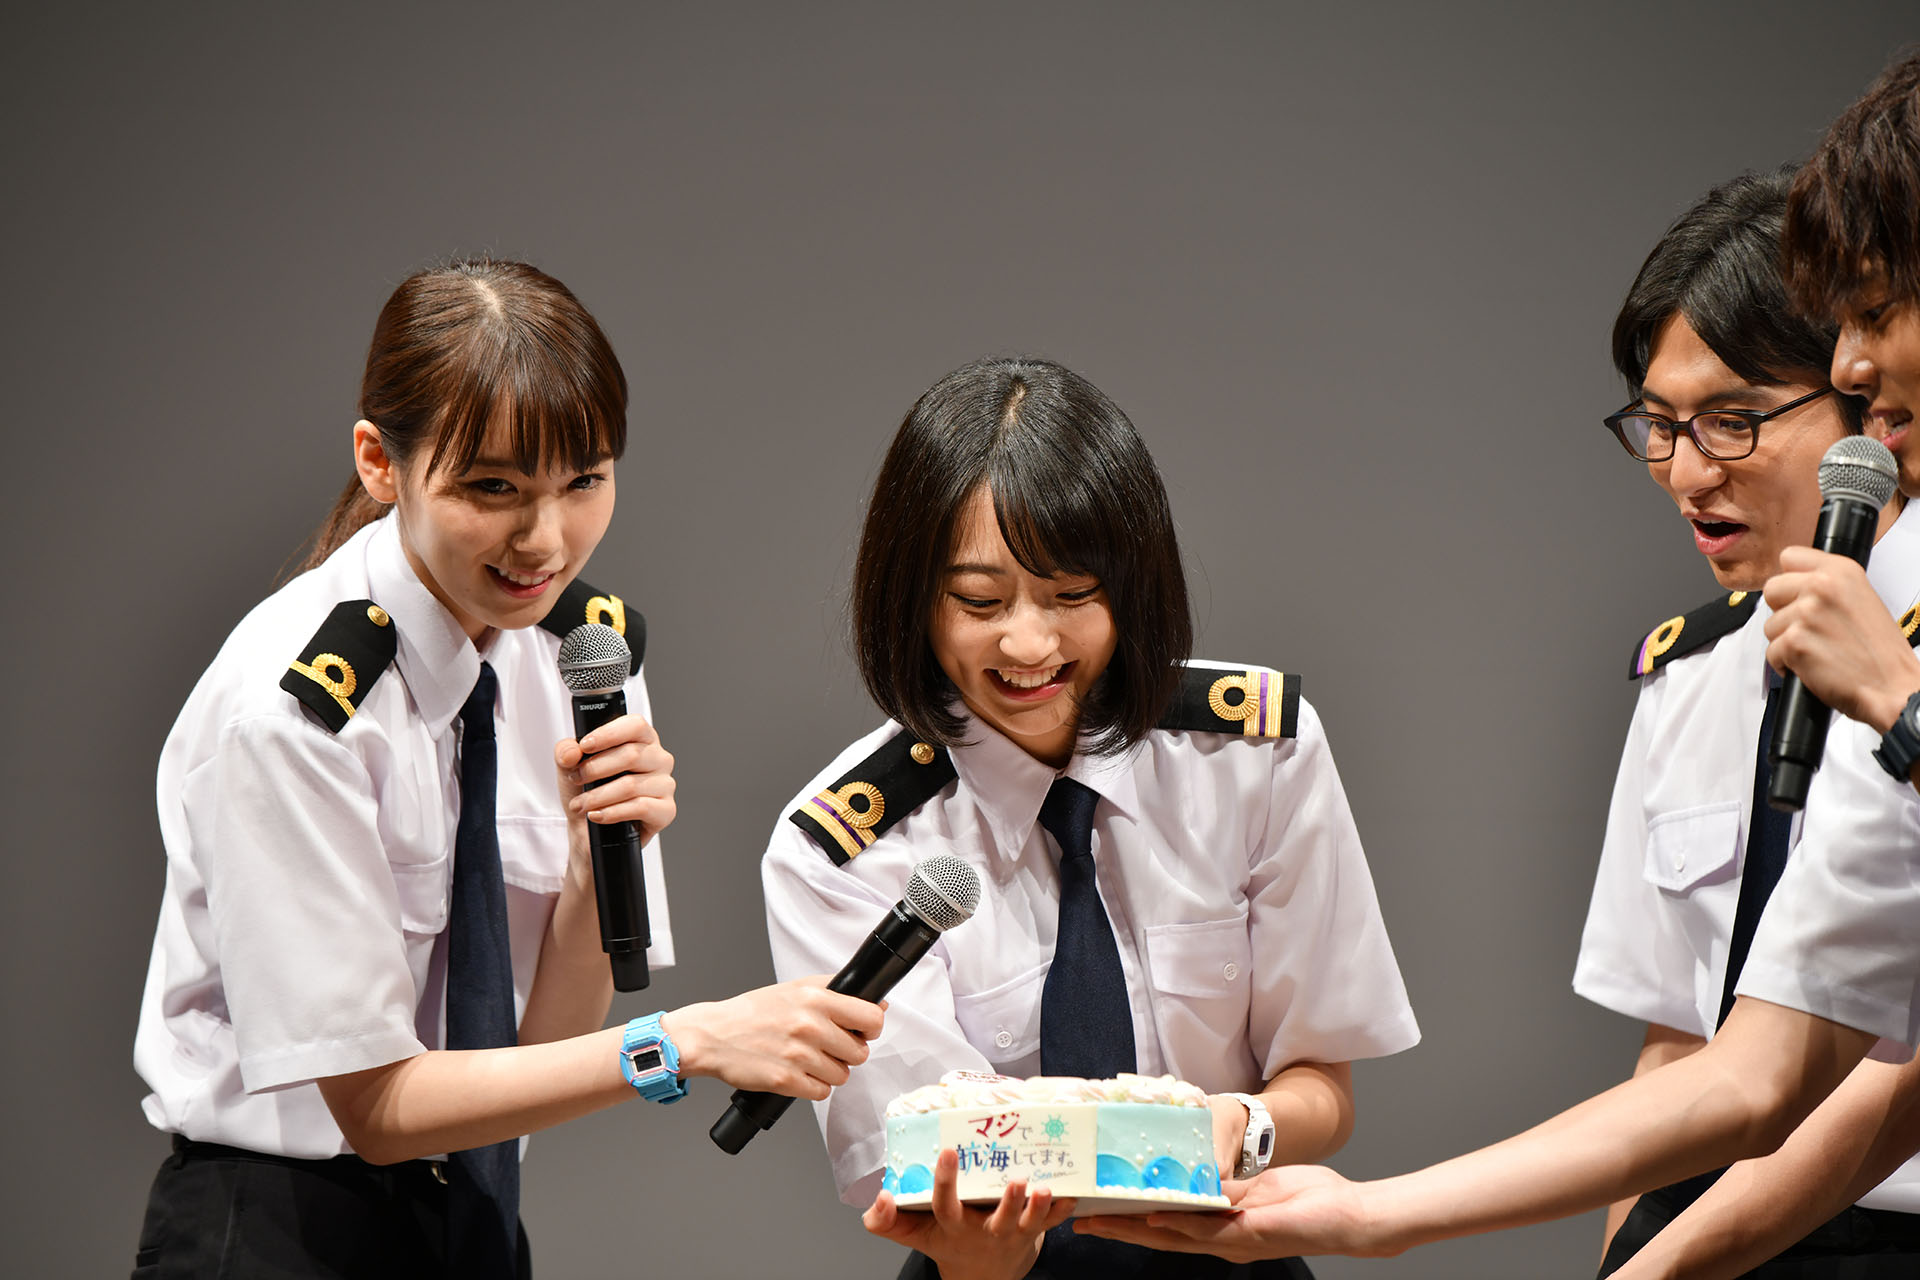 マジで航海してます。〜Second Season〜 武田玲奈 飯豊まりえ